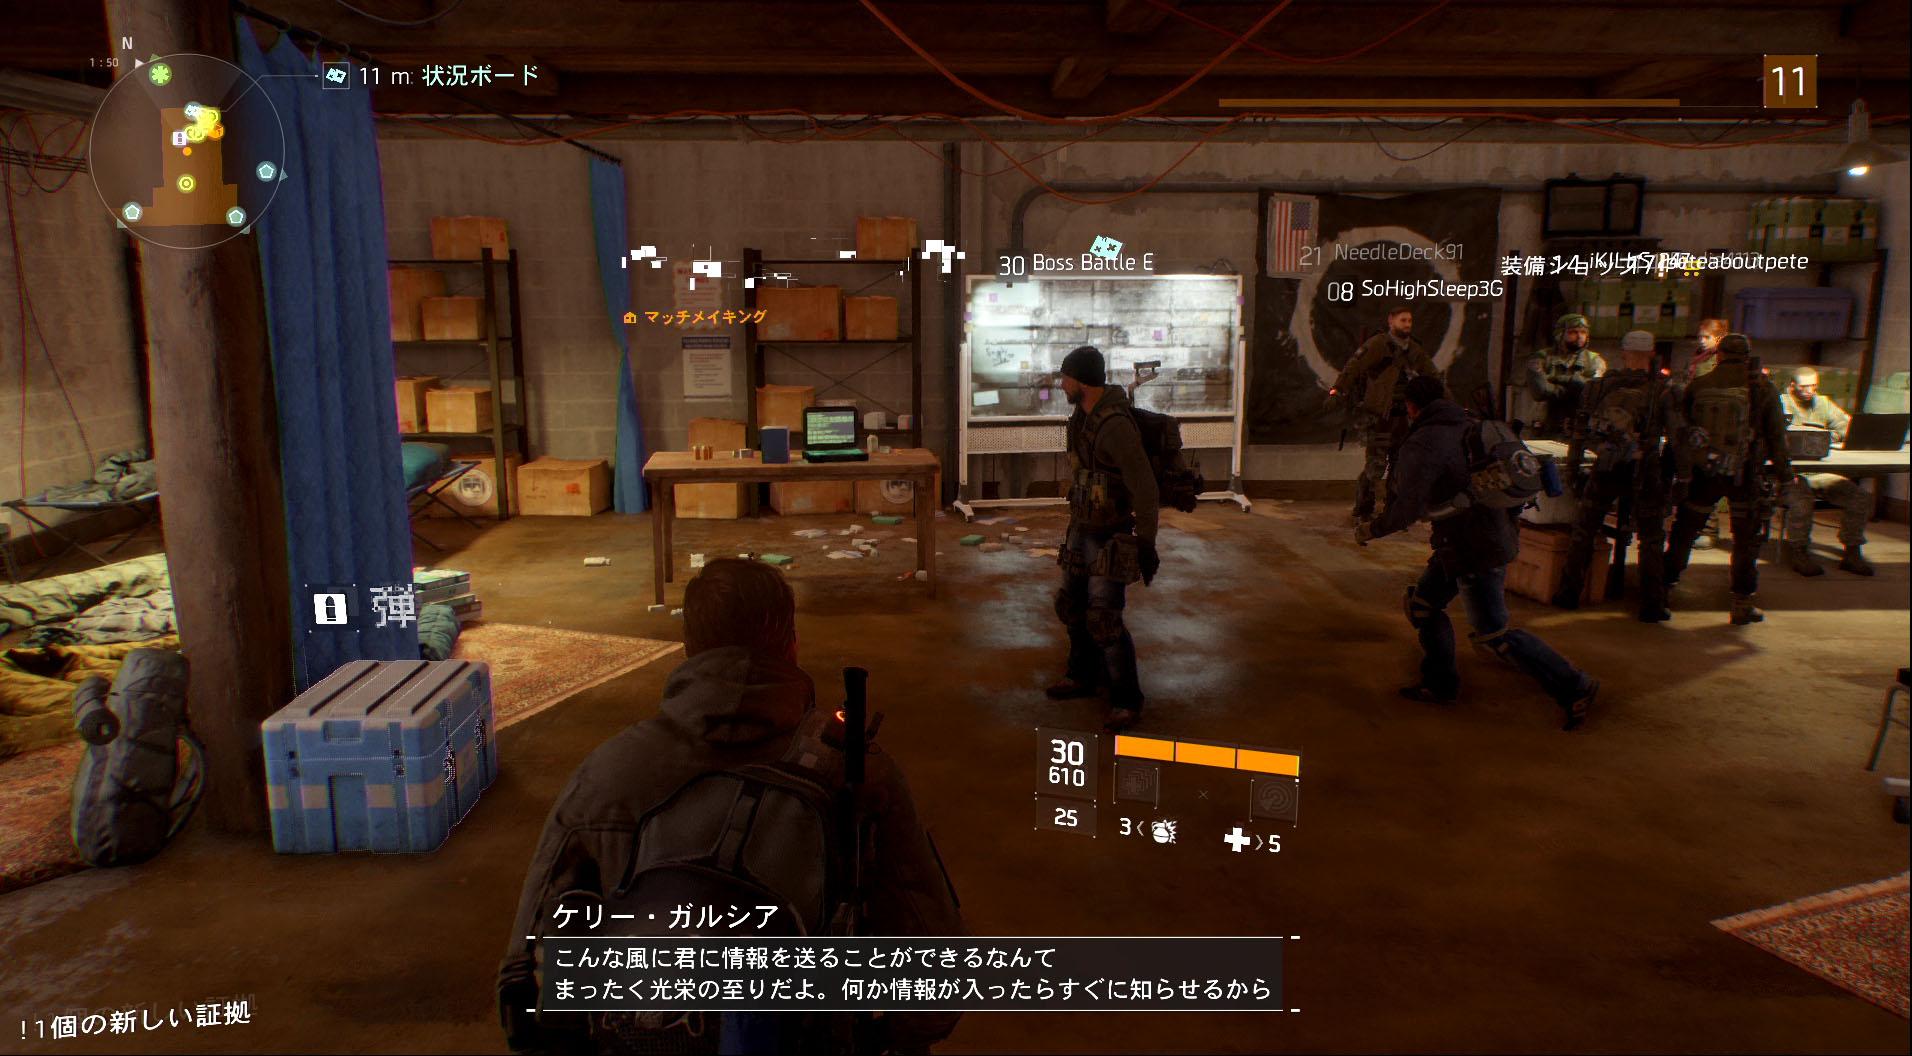 セーフハウスはMMO空間になっている。パーティを組むことで他のプレーヤーと一緒に戦うことができる